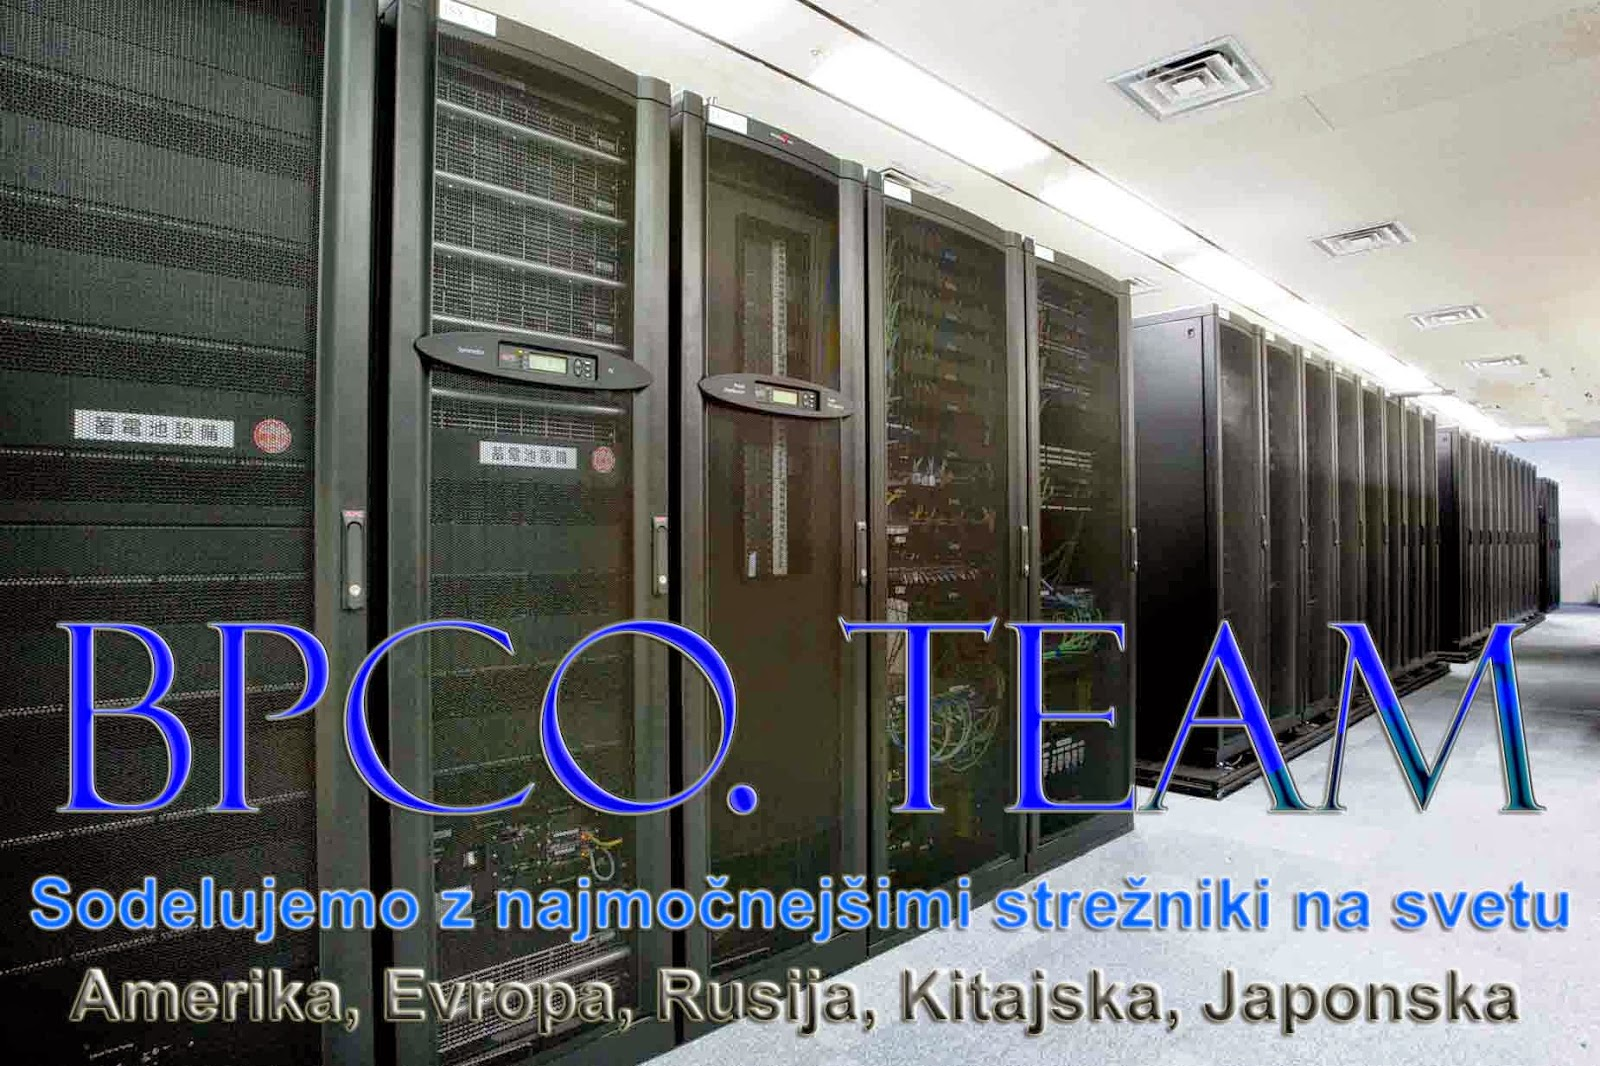 BPCo. TEAM Slovenia